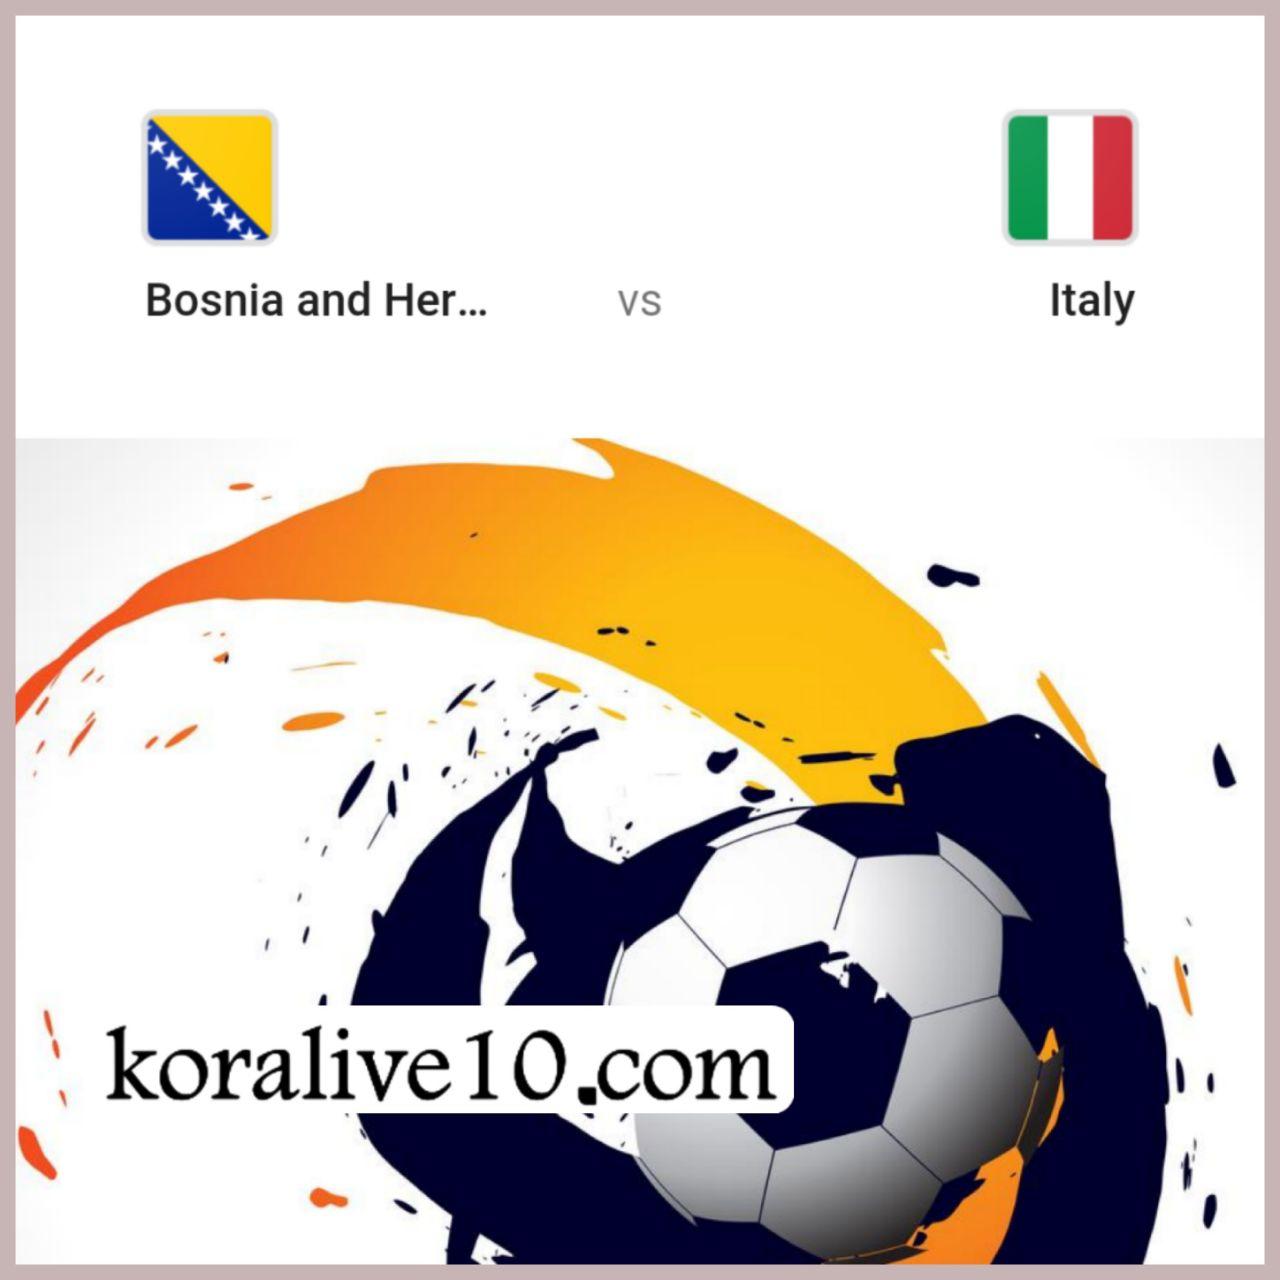 موعد مباراة منتخب البوسنة والهرسك ومنتخب إيطاليا في التصفيات المؤهلة ليورو 2020 | كورة لايف